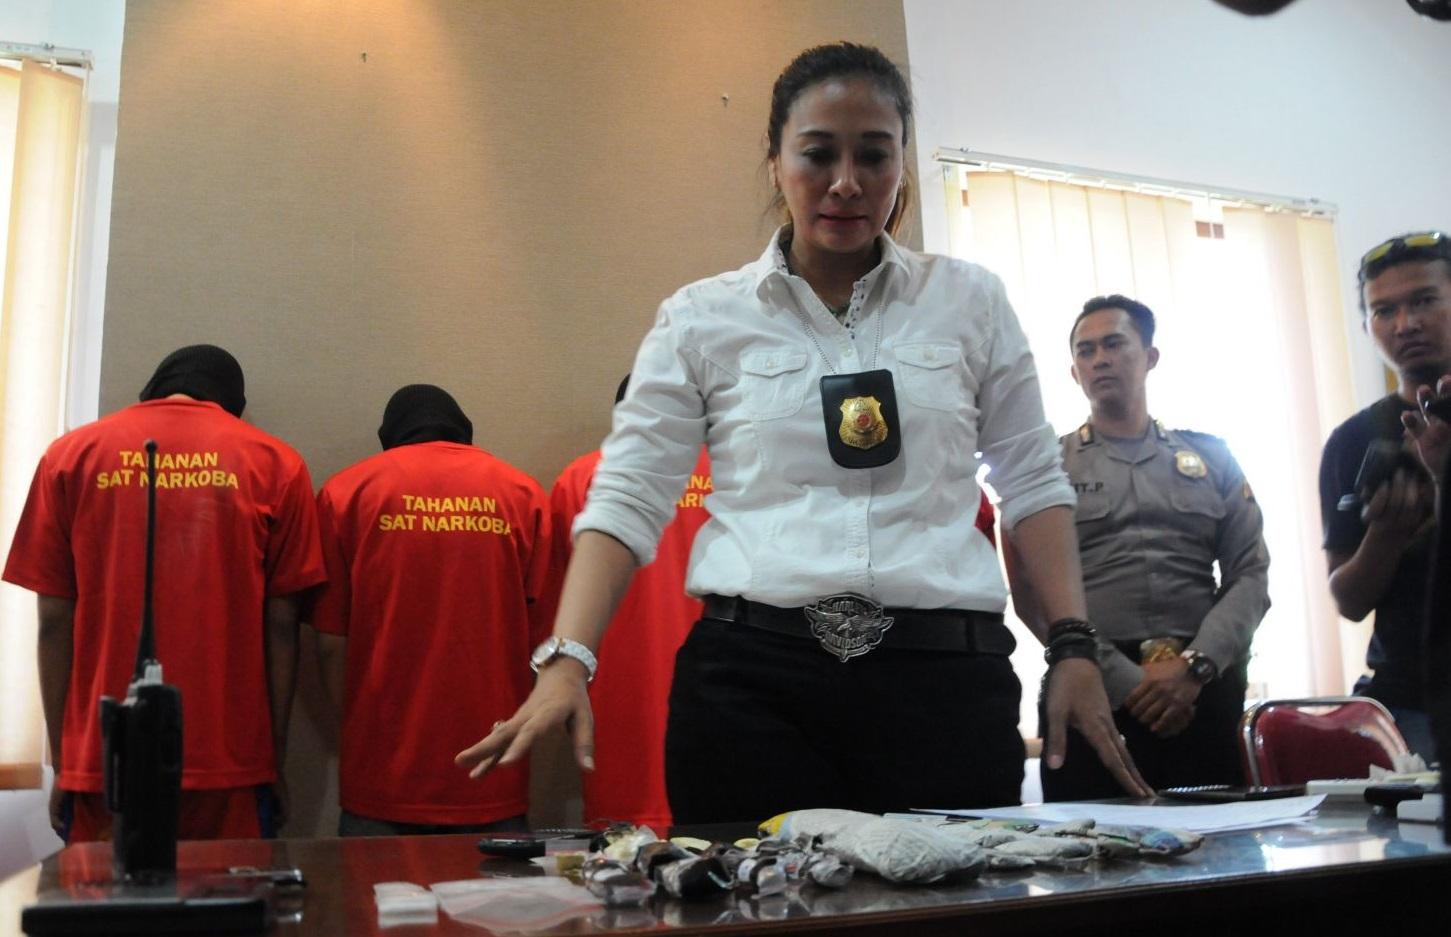 GAN : Polri Wajib Selidiki Kasus Kompol Yuni Secara Mendalam